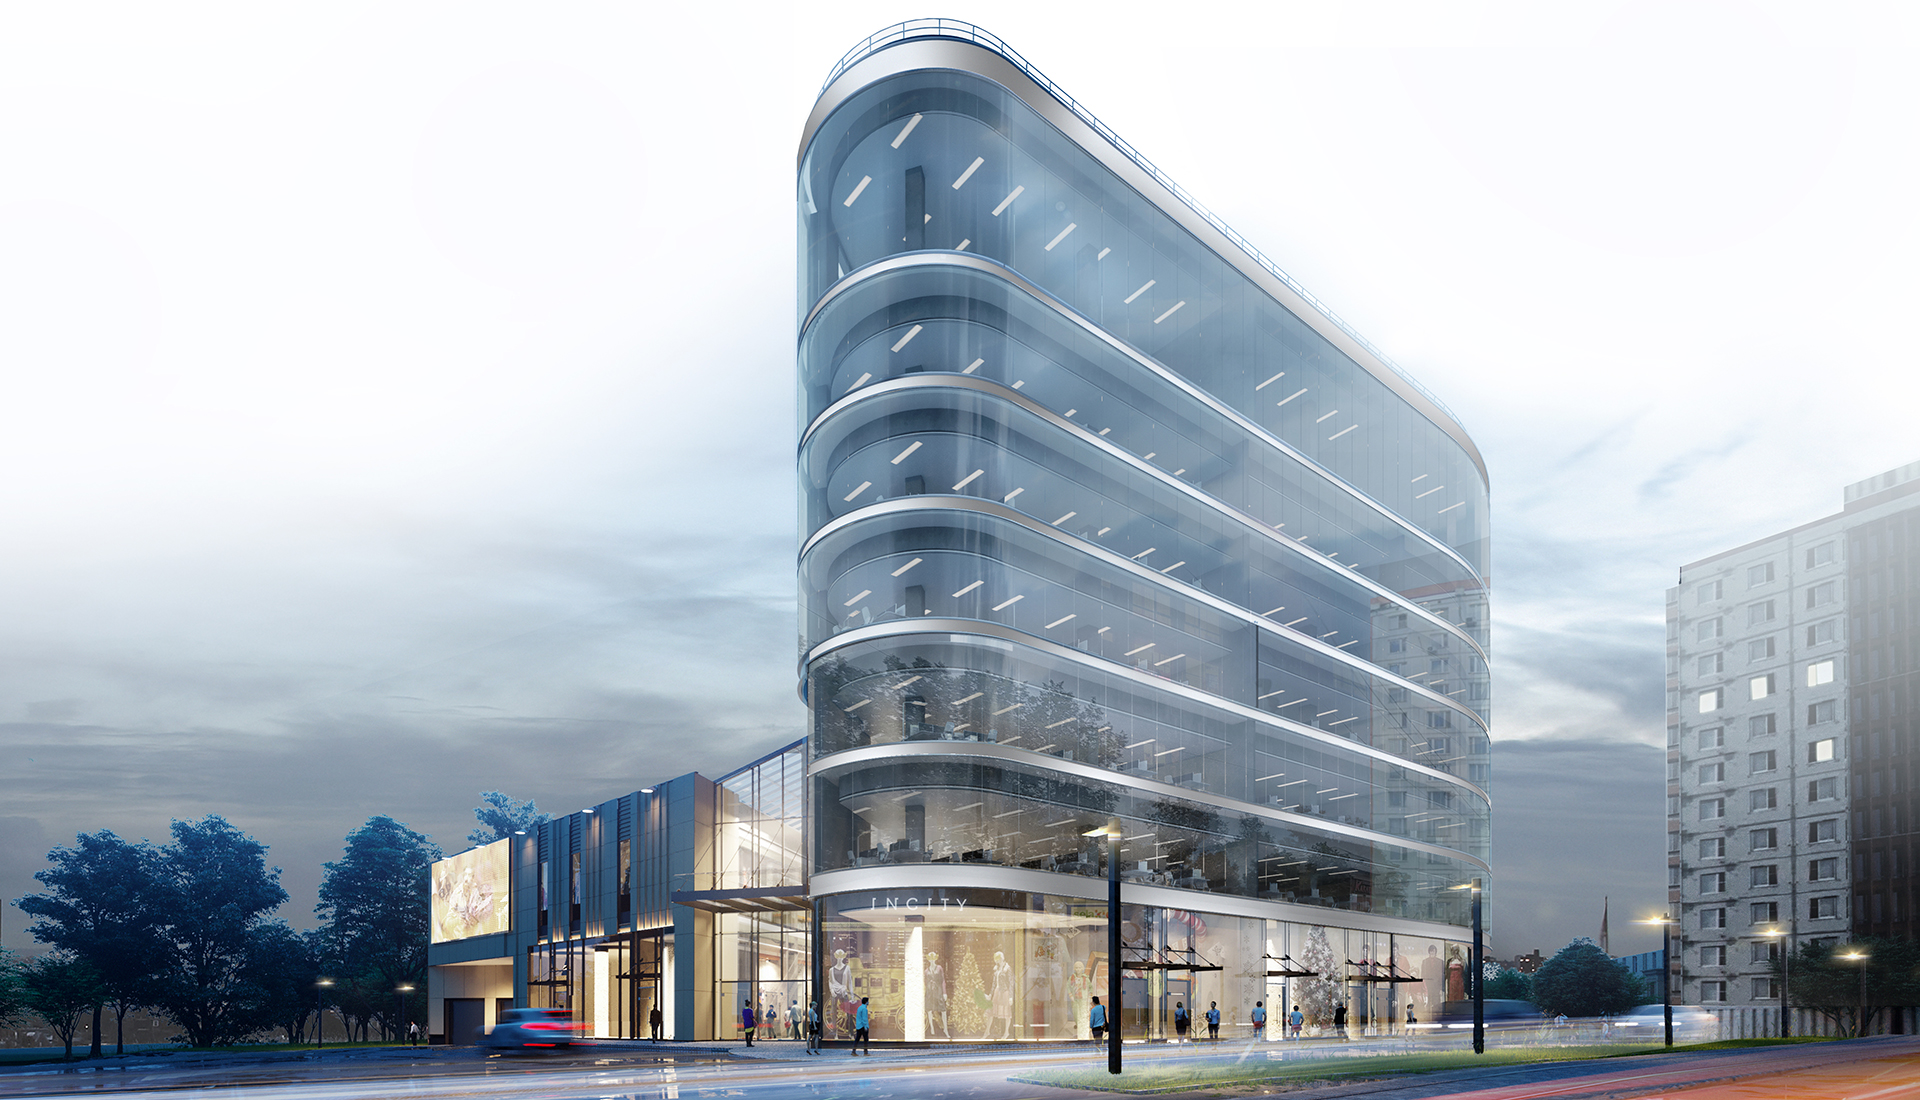 Архитектор Борис Левянт: мой интерес к работе только возрастает